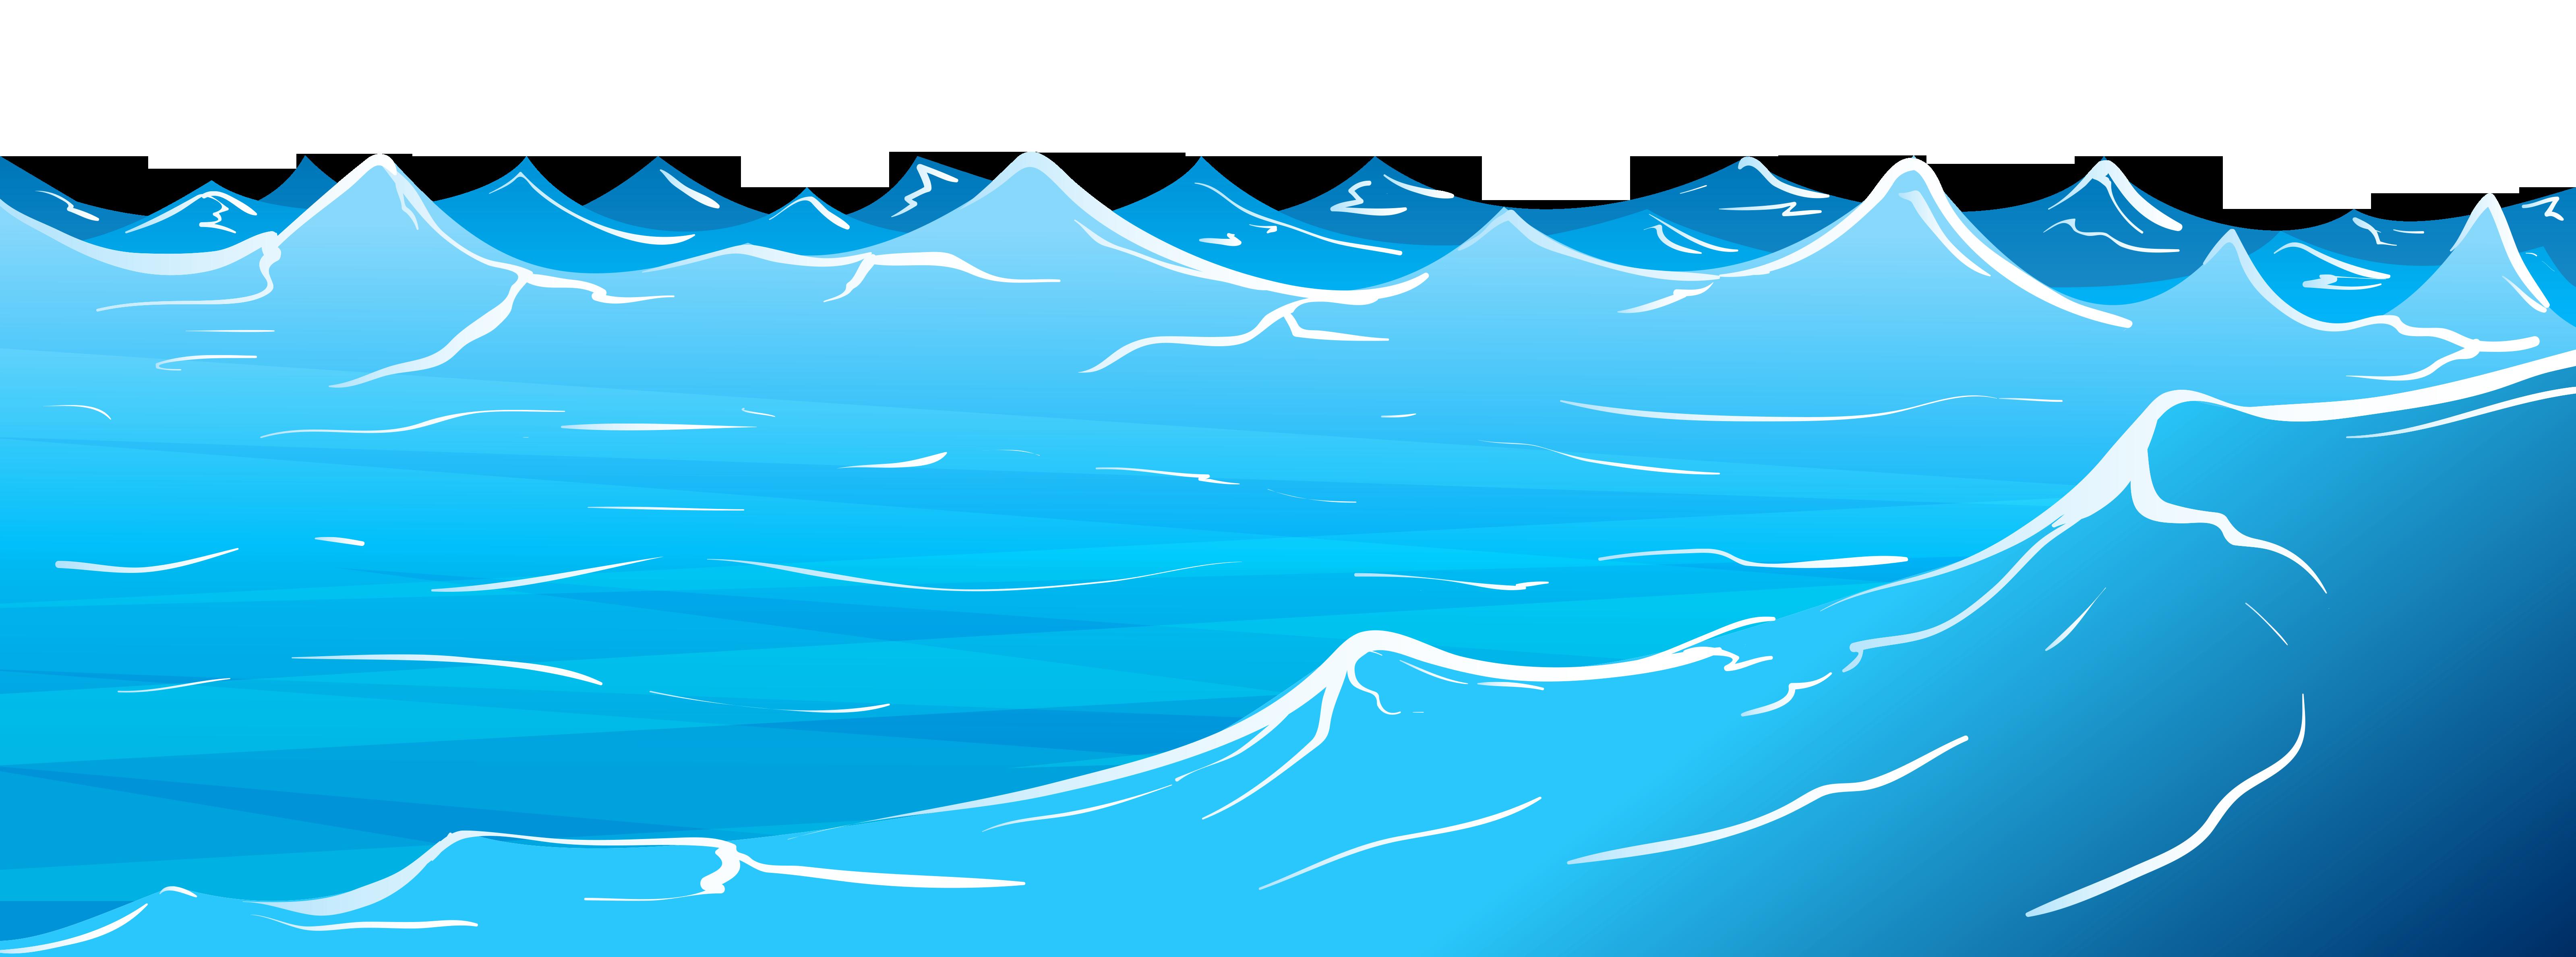 Free Ocean Clipart-Free Ocean Clipart-0